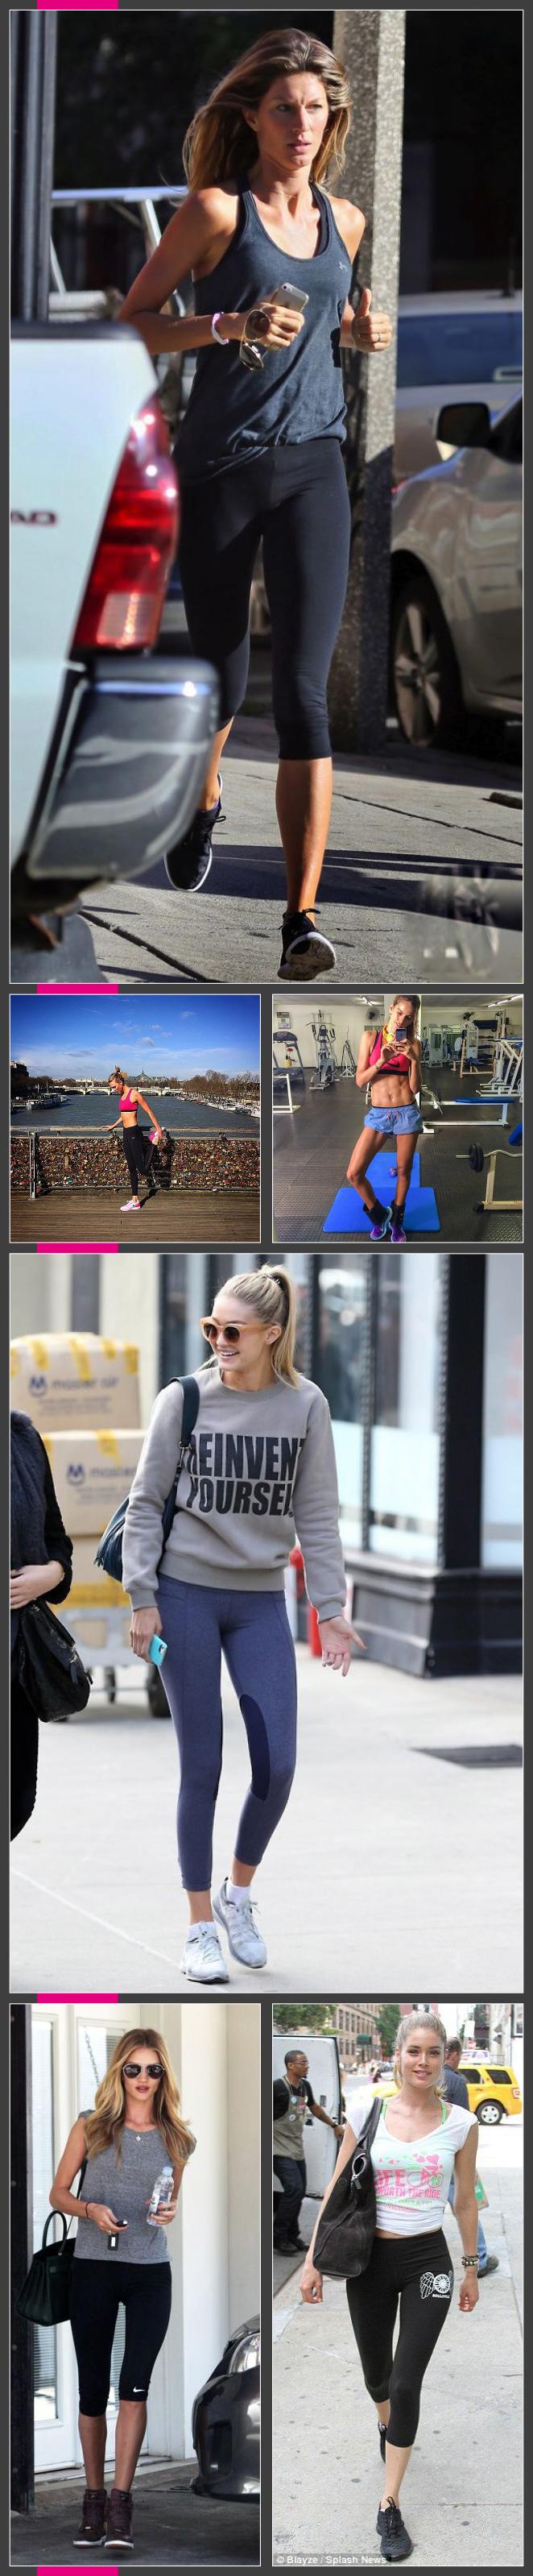 Gisele, Karlie Kloss, Gigi Hadid, Iza Goulart, Candince Huffine y Doutzen Kroes se dejan ver a diario con estilismos deportivos muy cómodos y favorecedores!